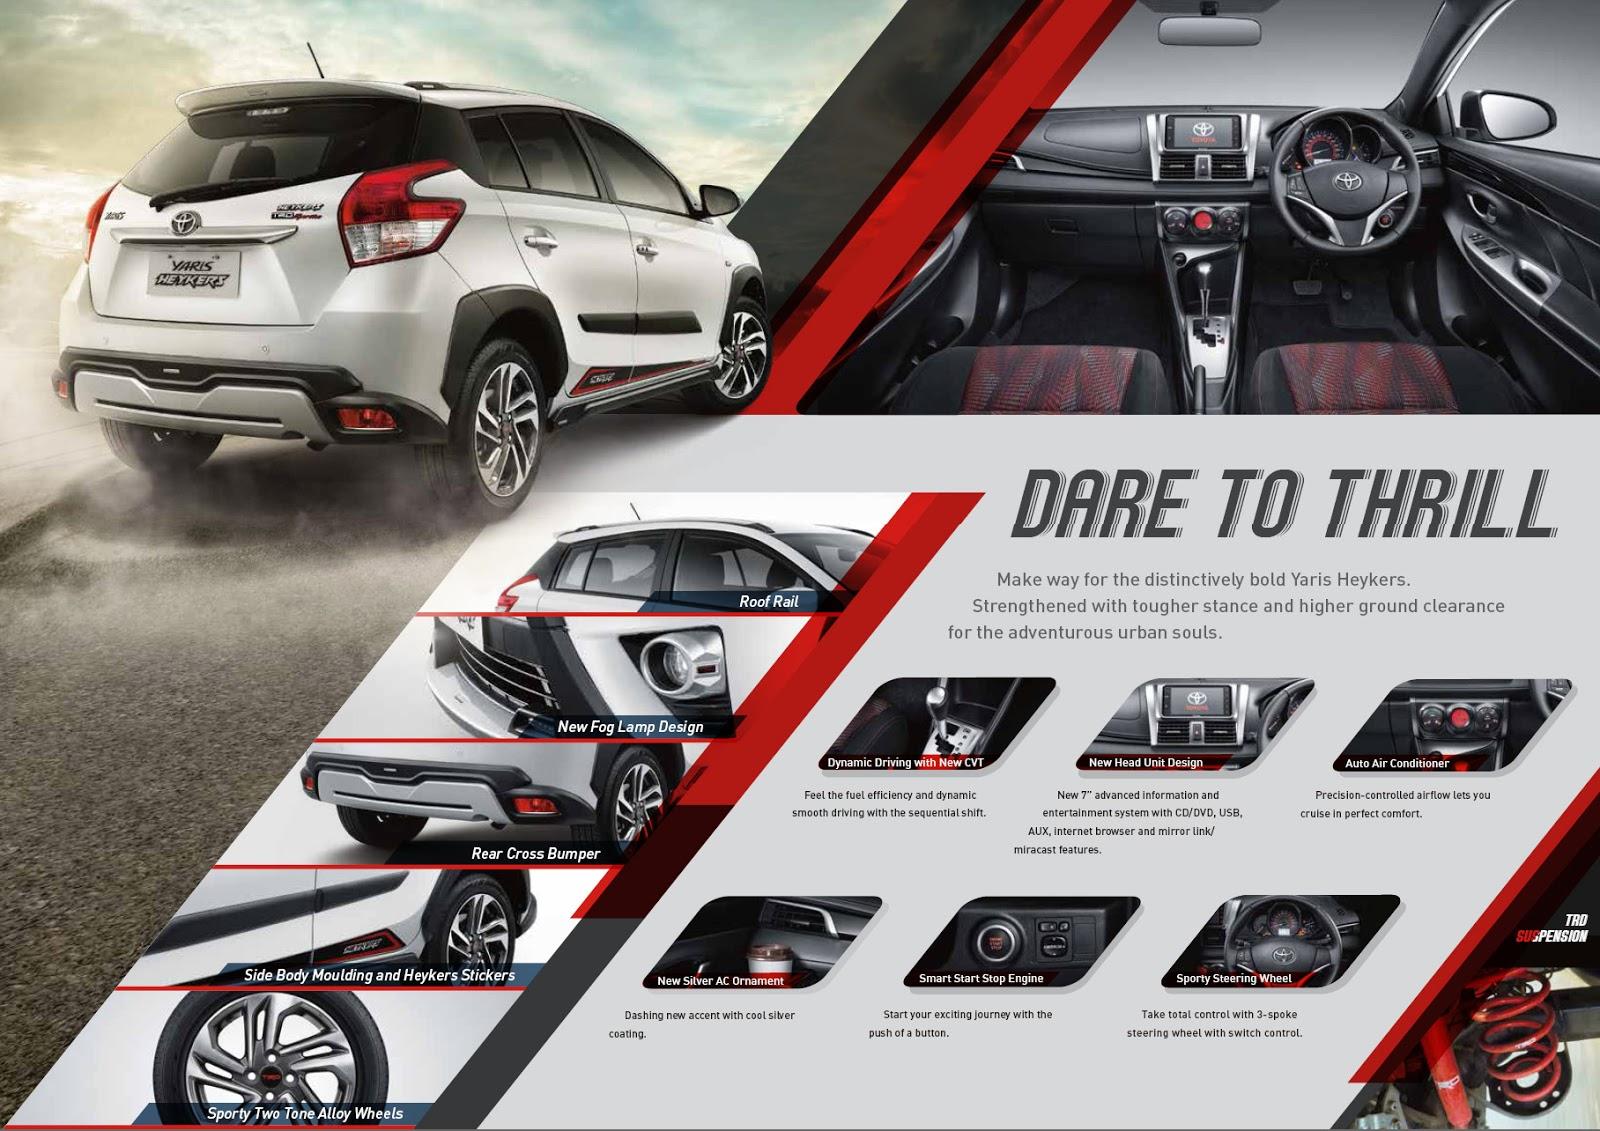 Toyota Yaris Trd Heykers The All New Corolla Altis Brosur 2017 Harga Calya Agya Avanza